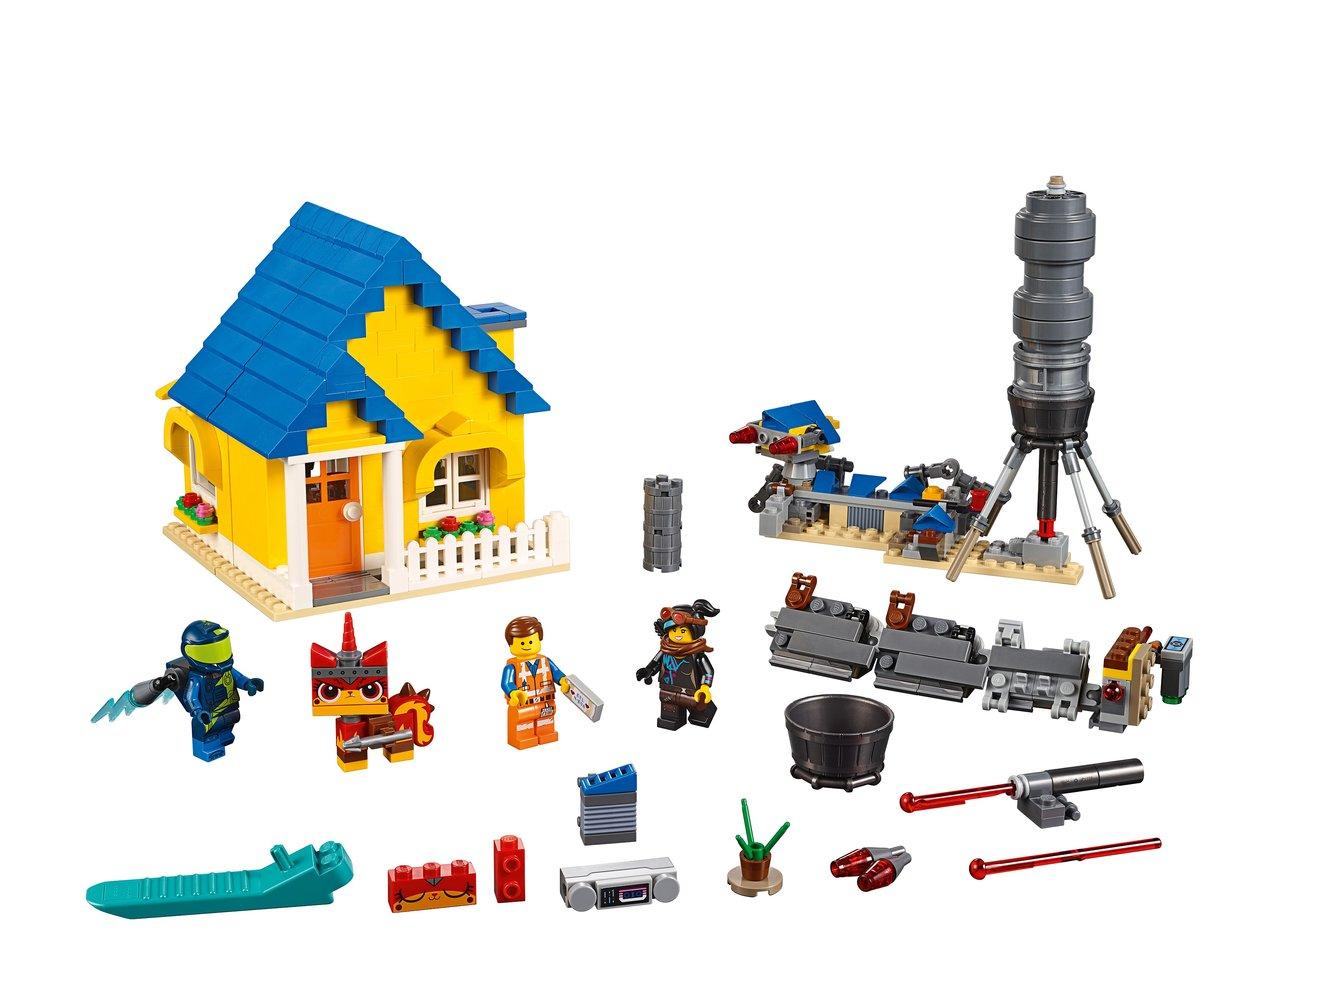 Emmet's Dream House / Rescue Rocket!